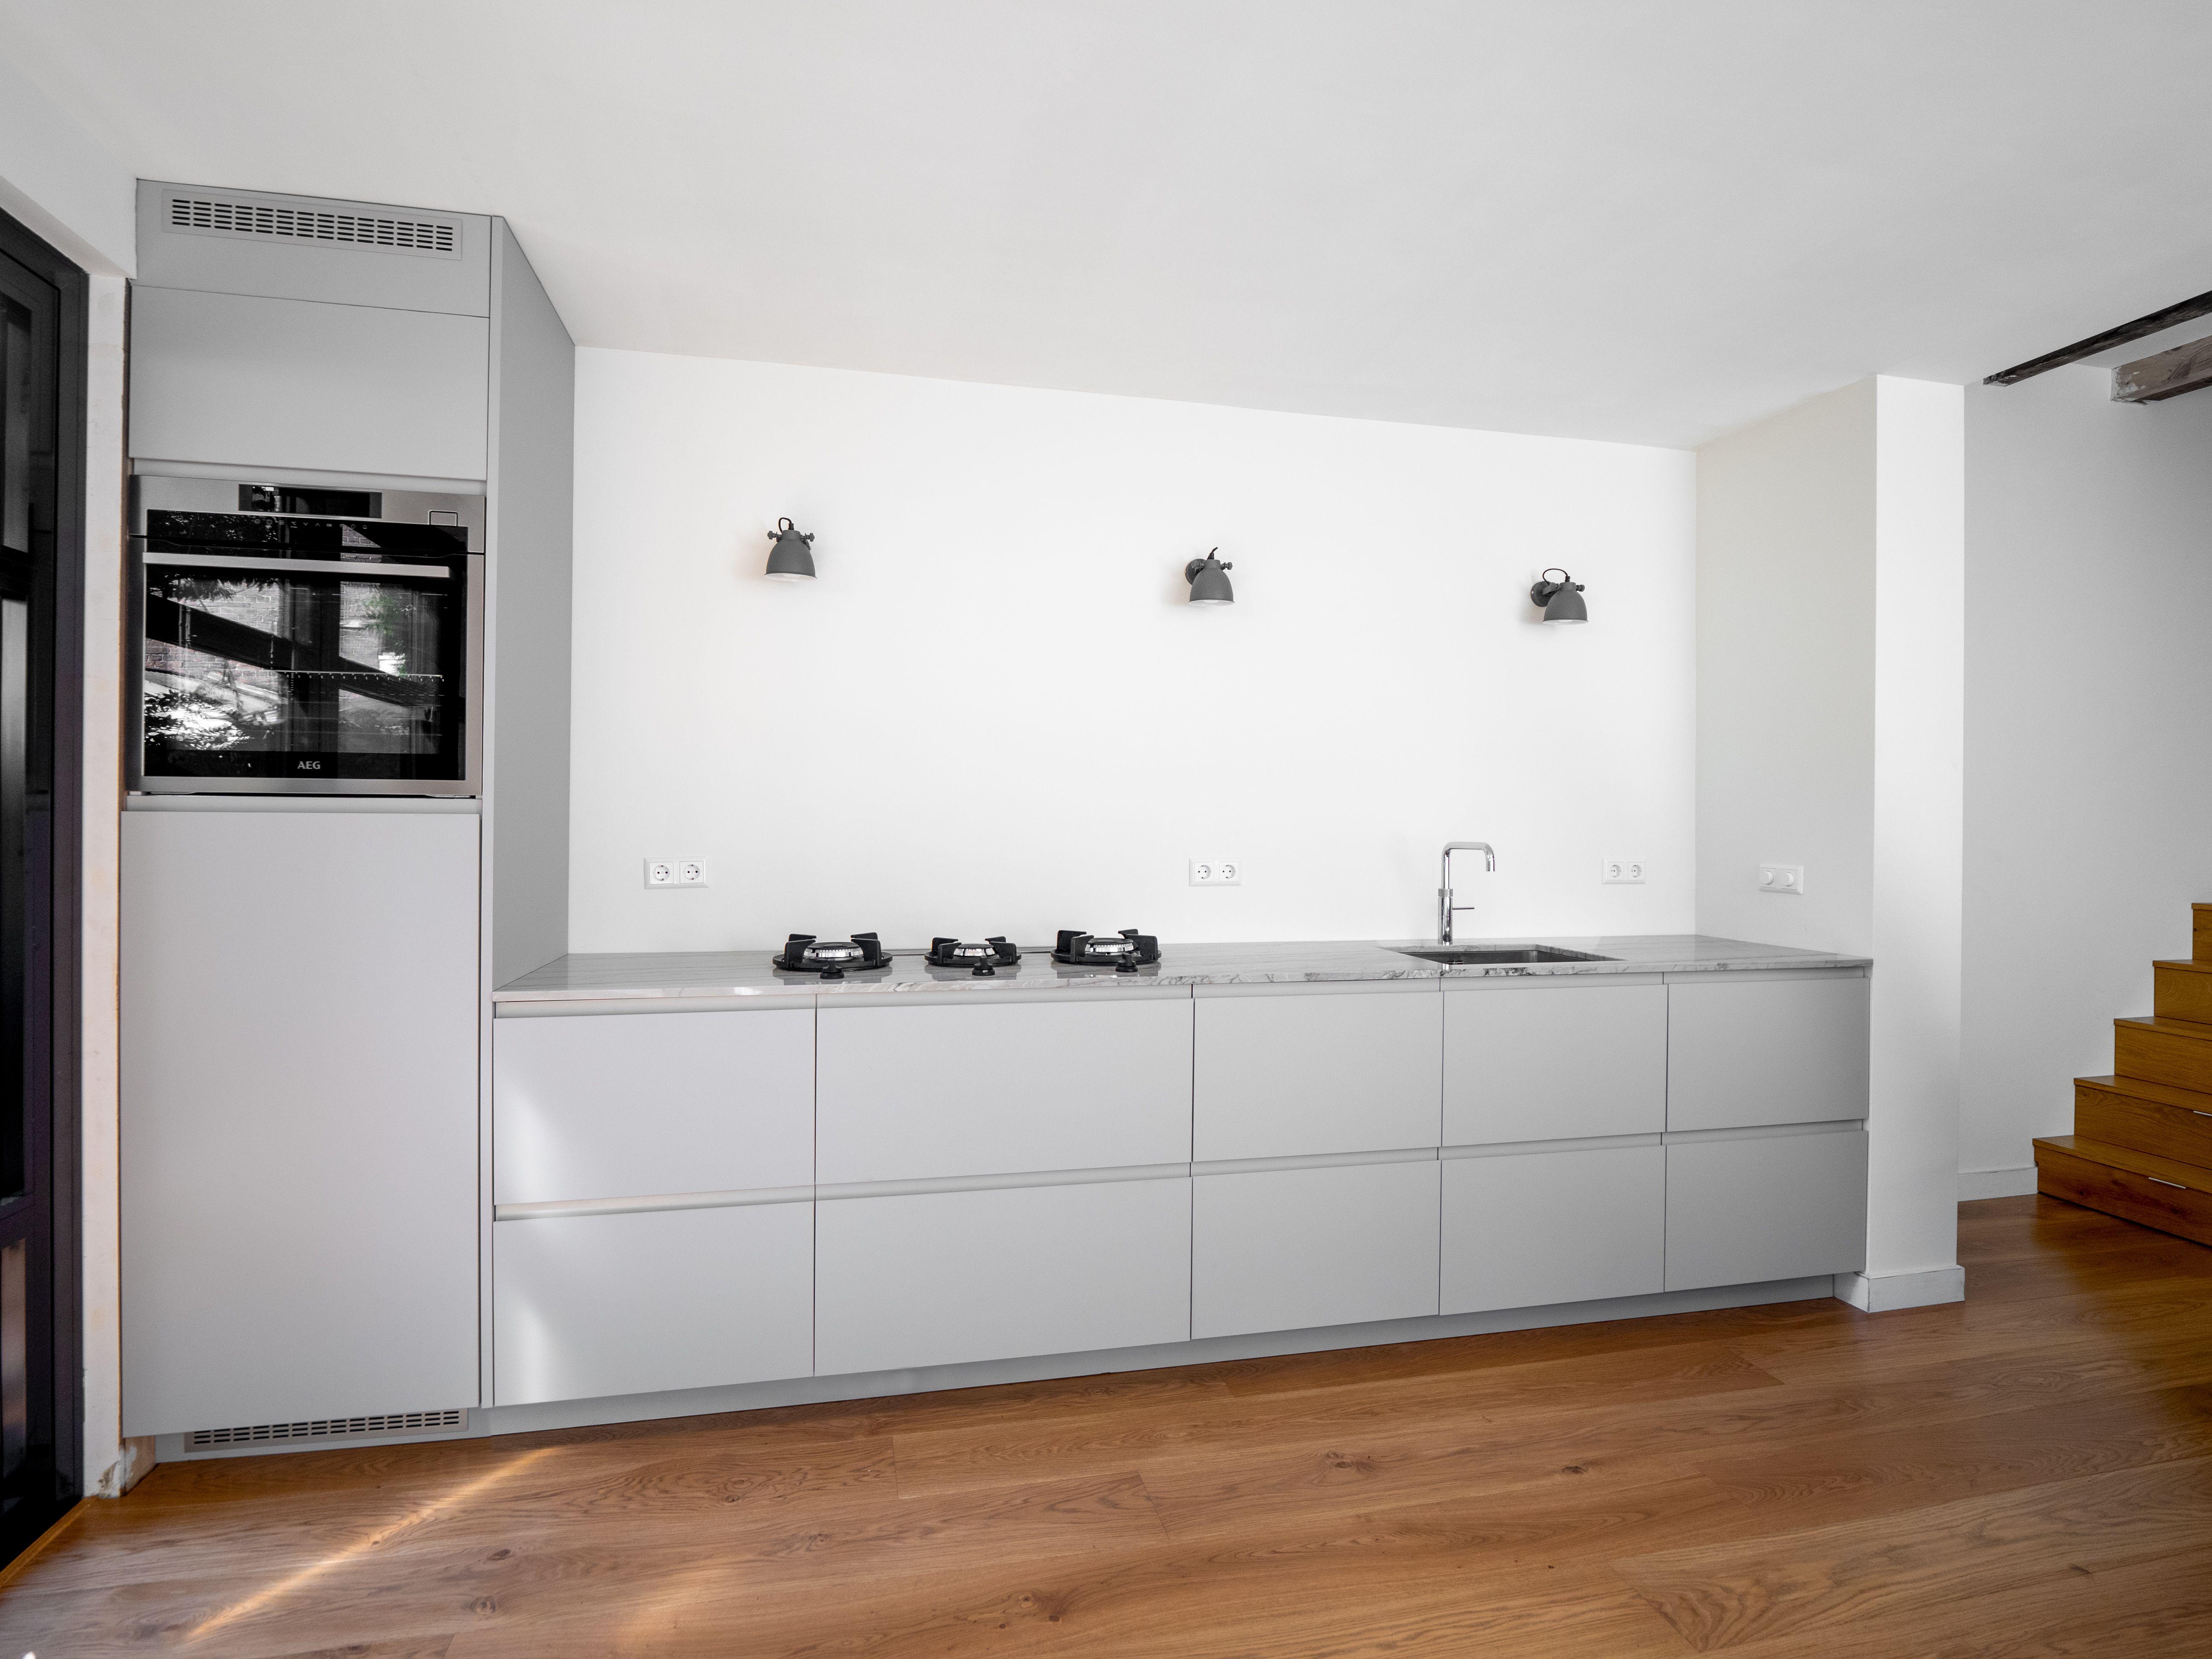 Knoet Ikea Keuken Ikea Keuken Keuken Ontwerp Keuken